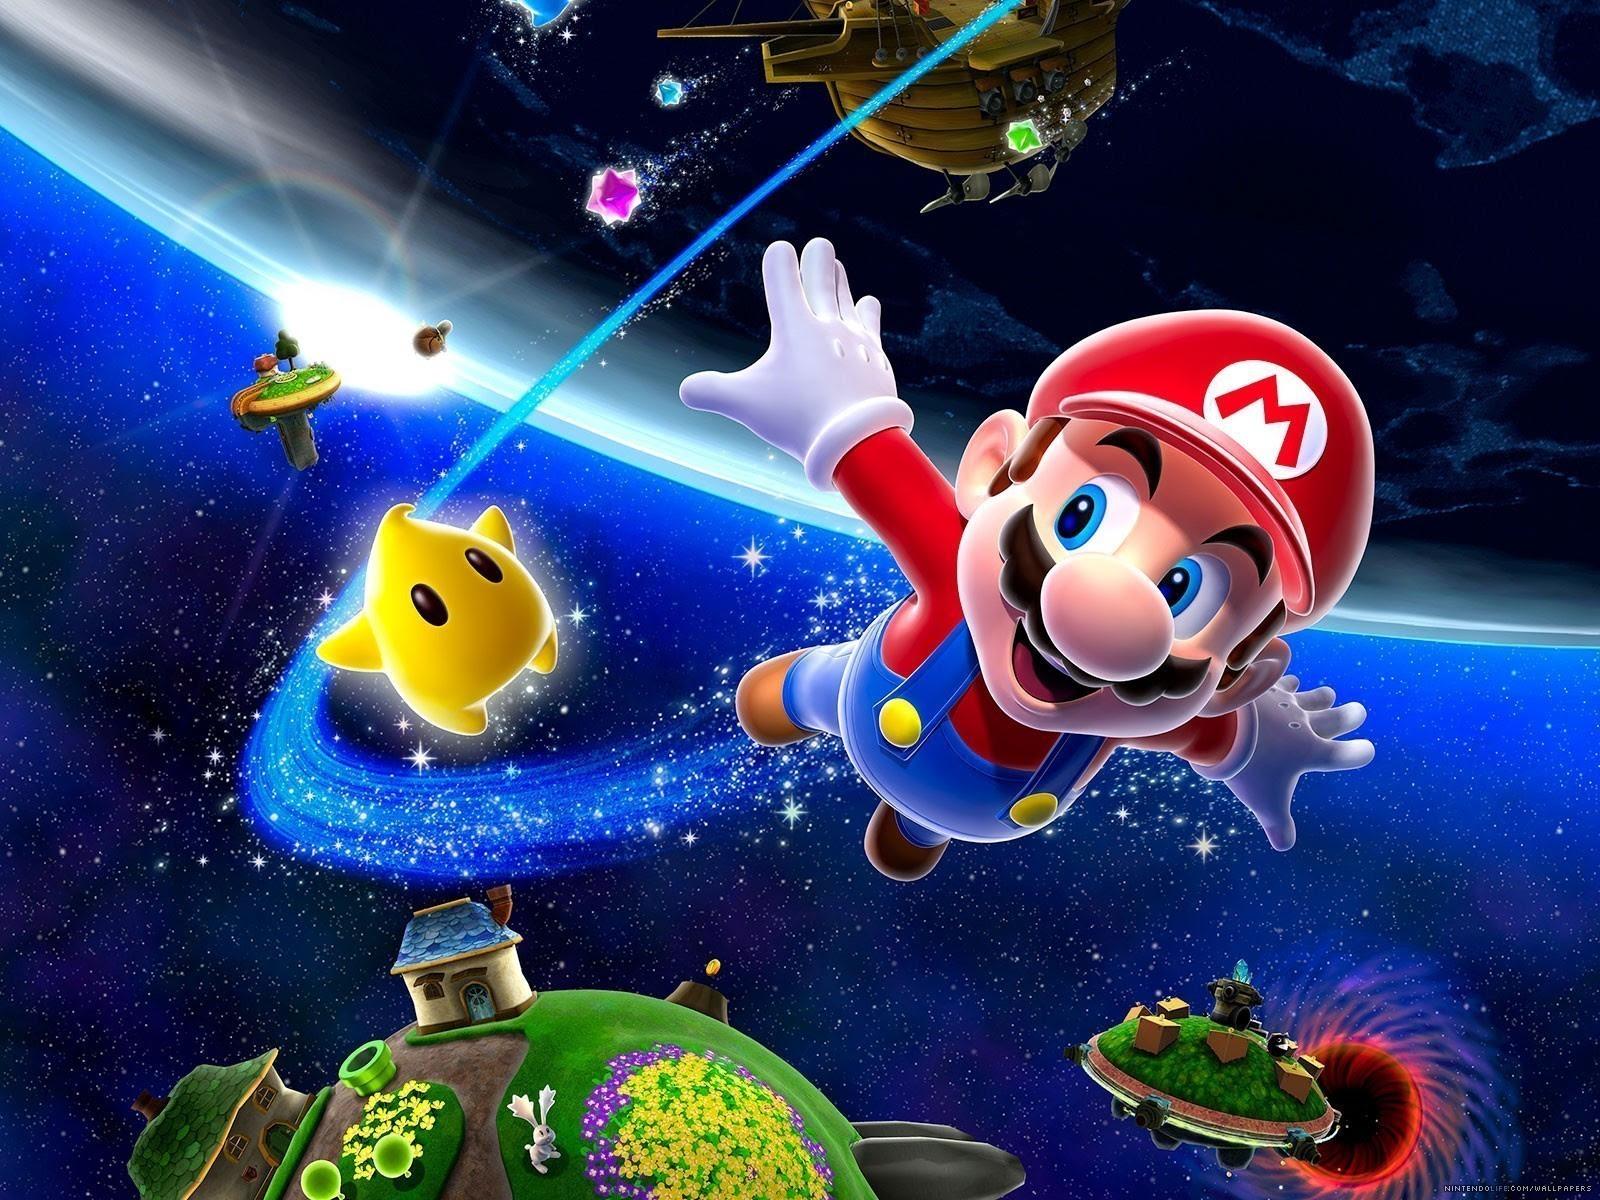 Super Mario Galaxy Mario And Luigi Wallpaper 9350452 Fanpop